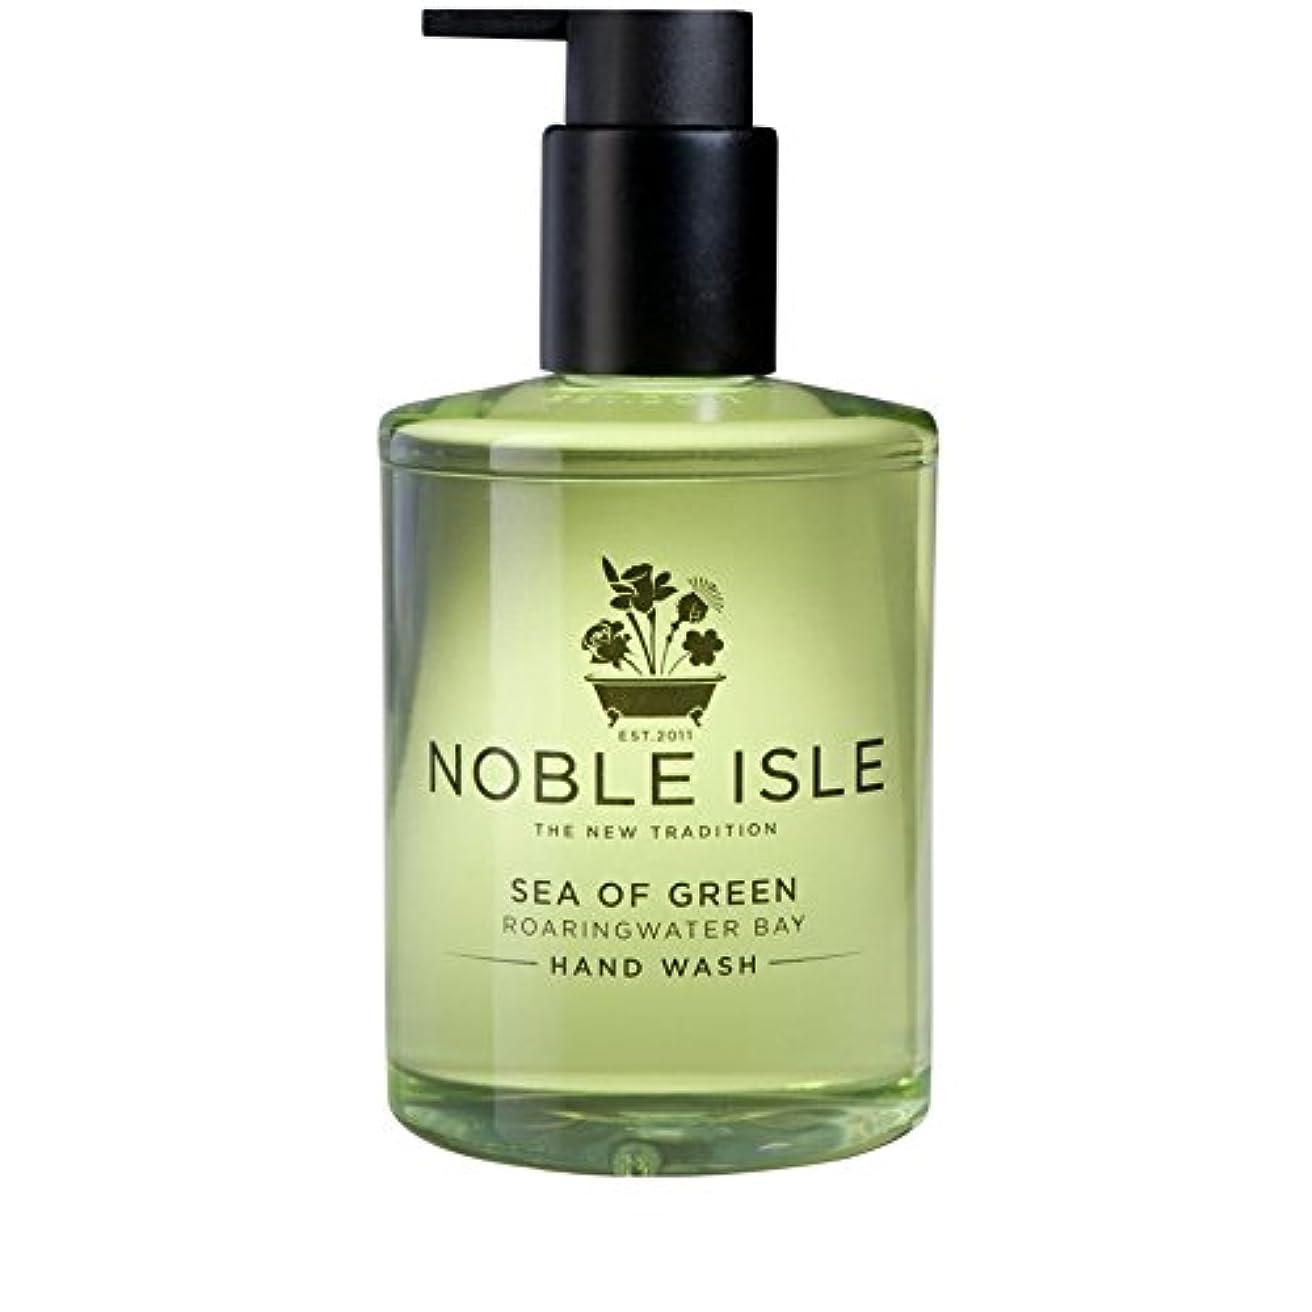 不平を言う容器バンドルNoble Isle Sea of Green Roaringwater Bay Hand Wash 250ml (Pack of 6) - 緑ベイハンドウォッシュ250ミリリットルの高貴な島の海 x6 [並行輸入品]